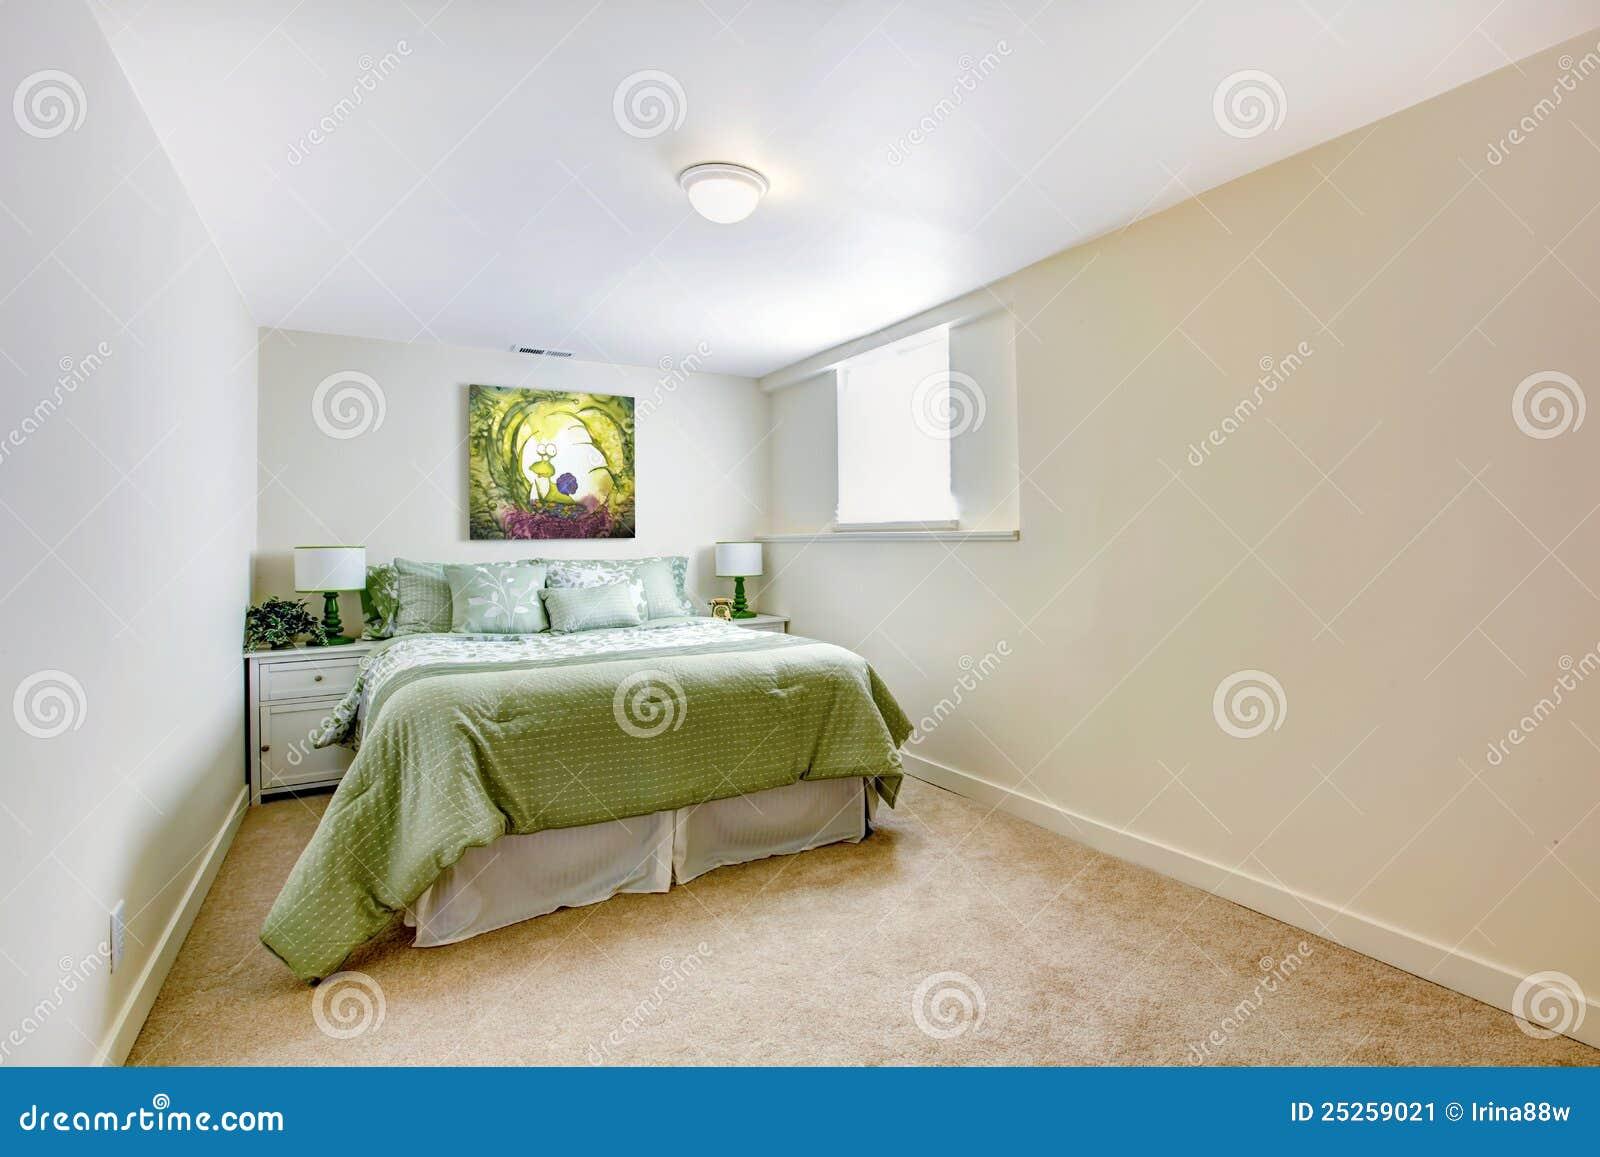 Grande quarto branco com cama verde e art imagem de stock for Camas grandes